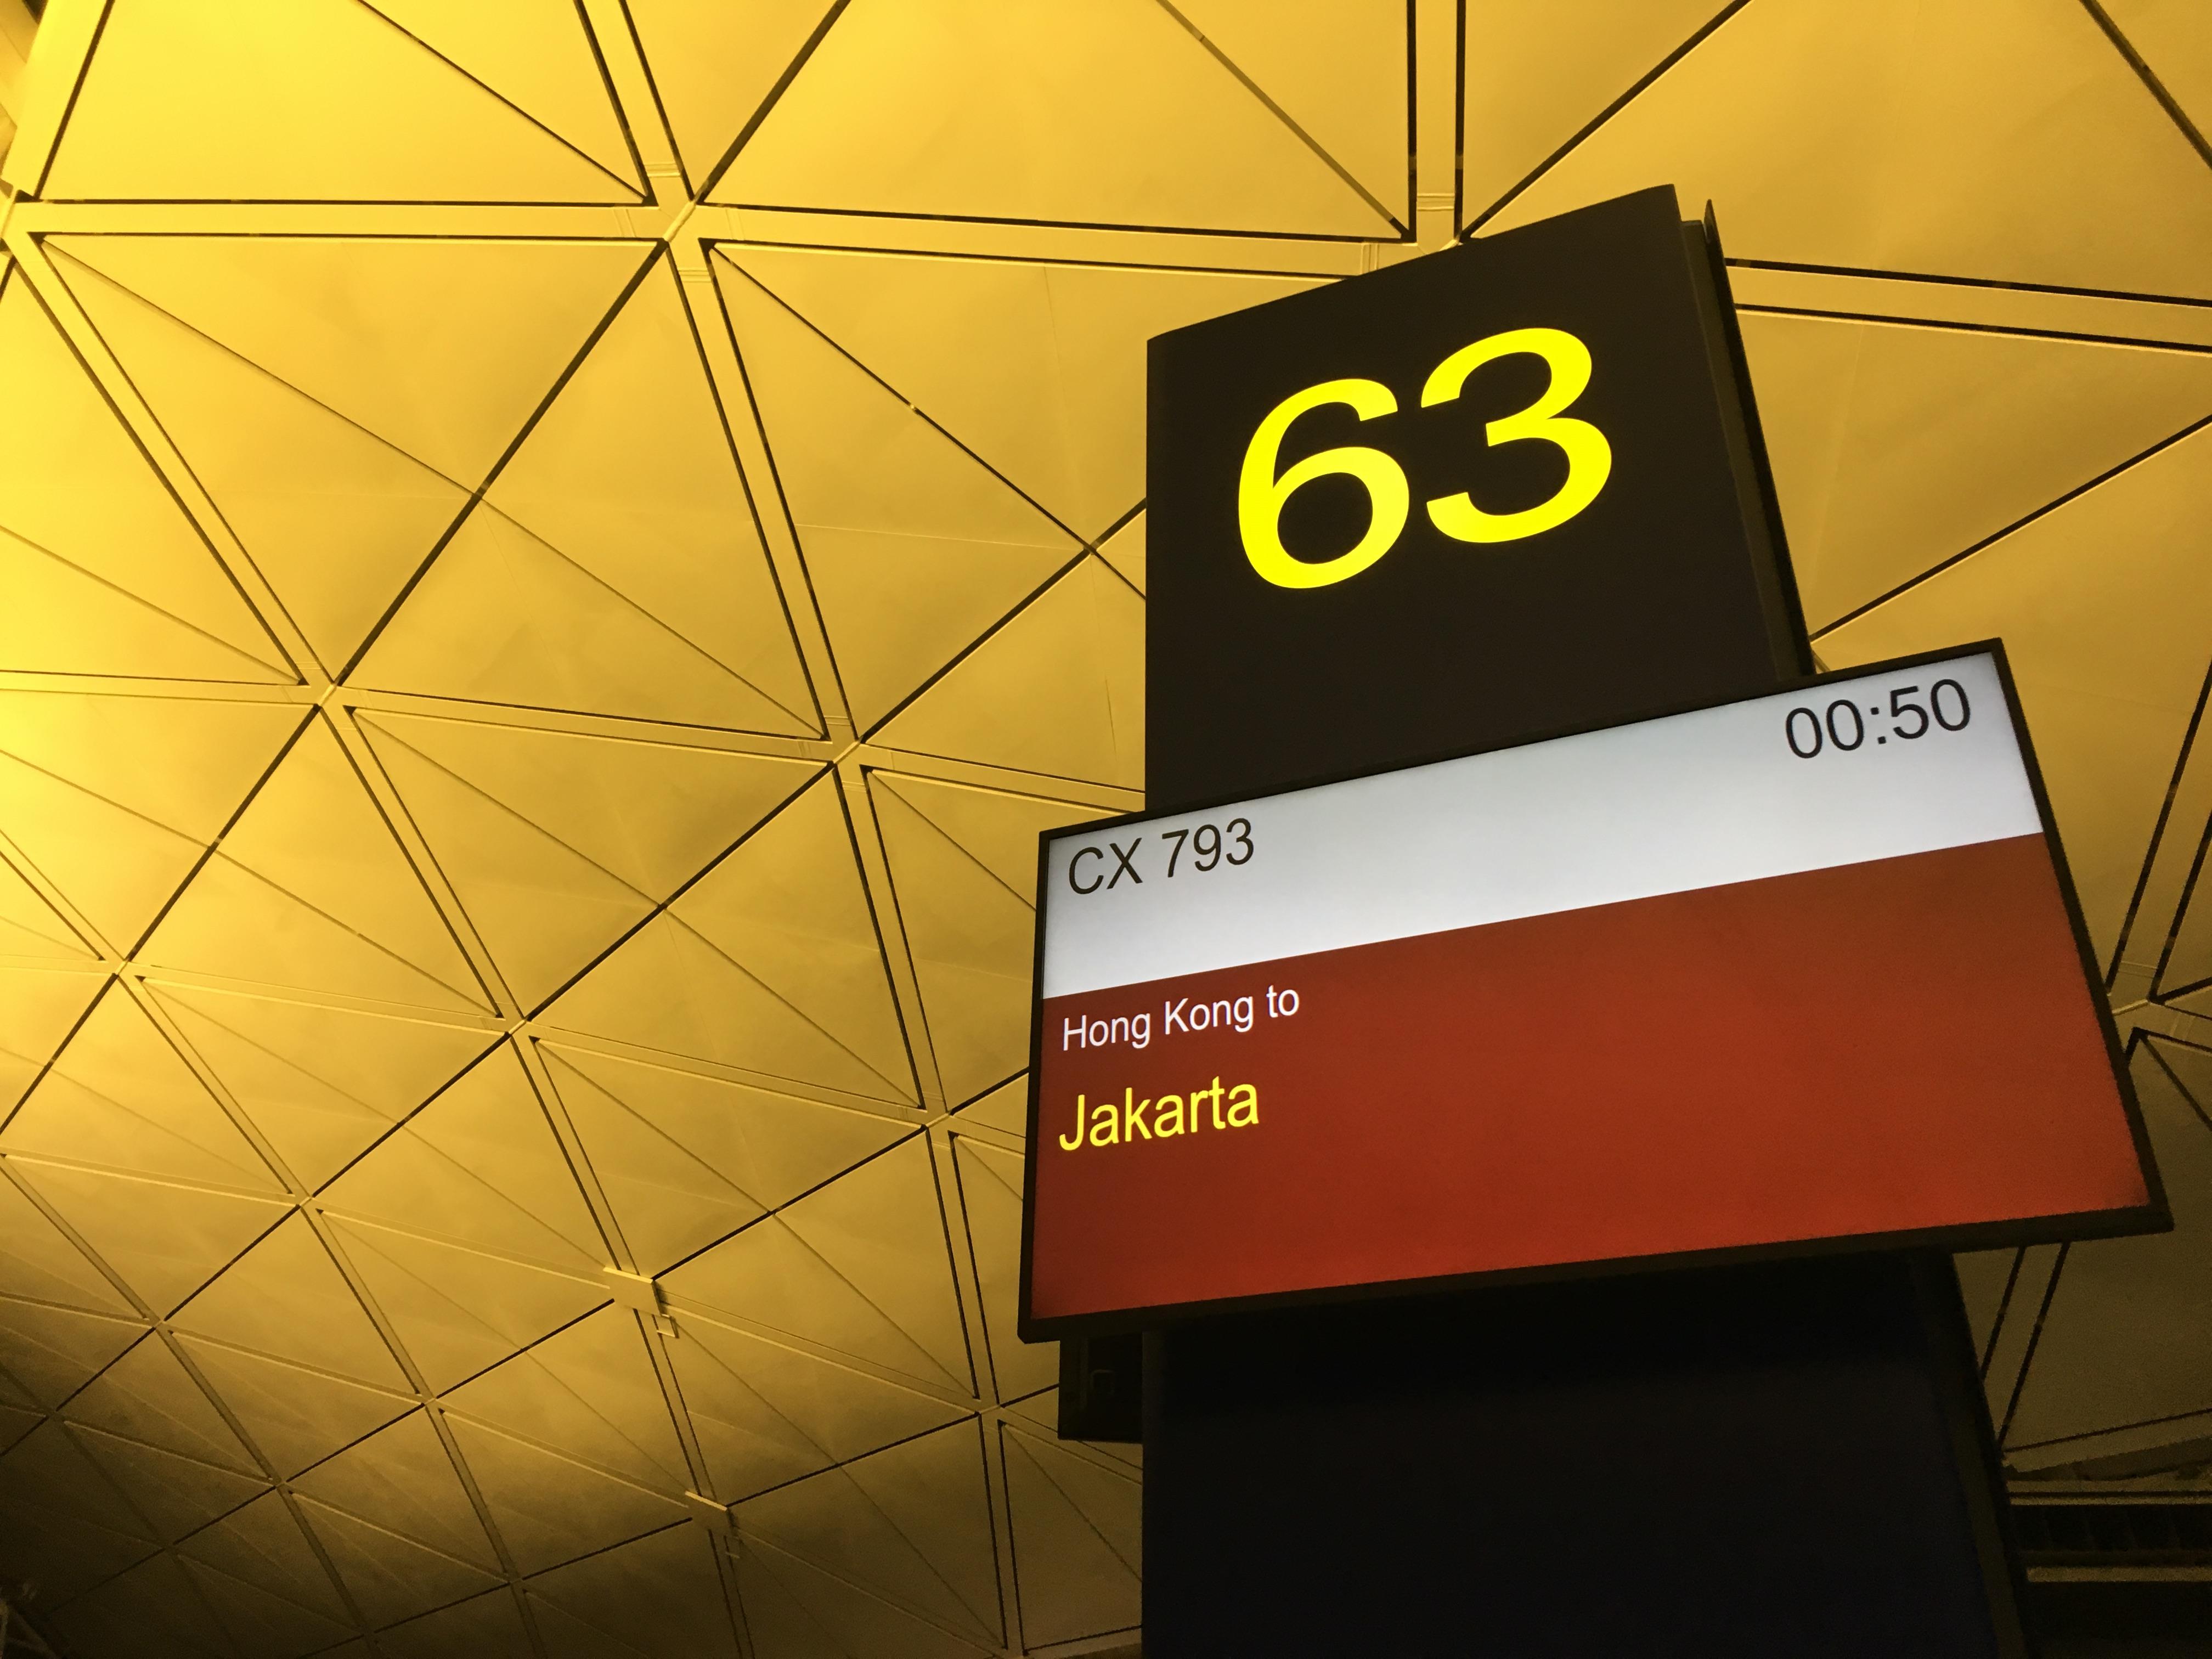 香港空港(HKG)の乗り継ぎ利用に関する注意点(2020/6/4現在)